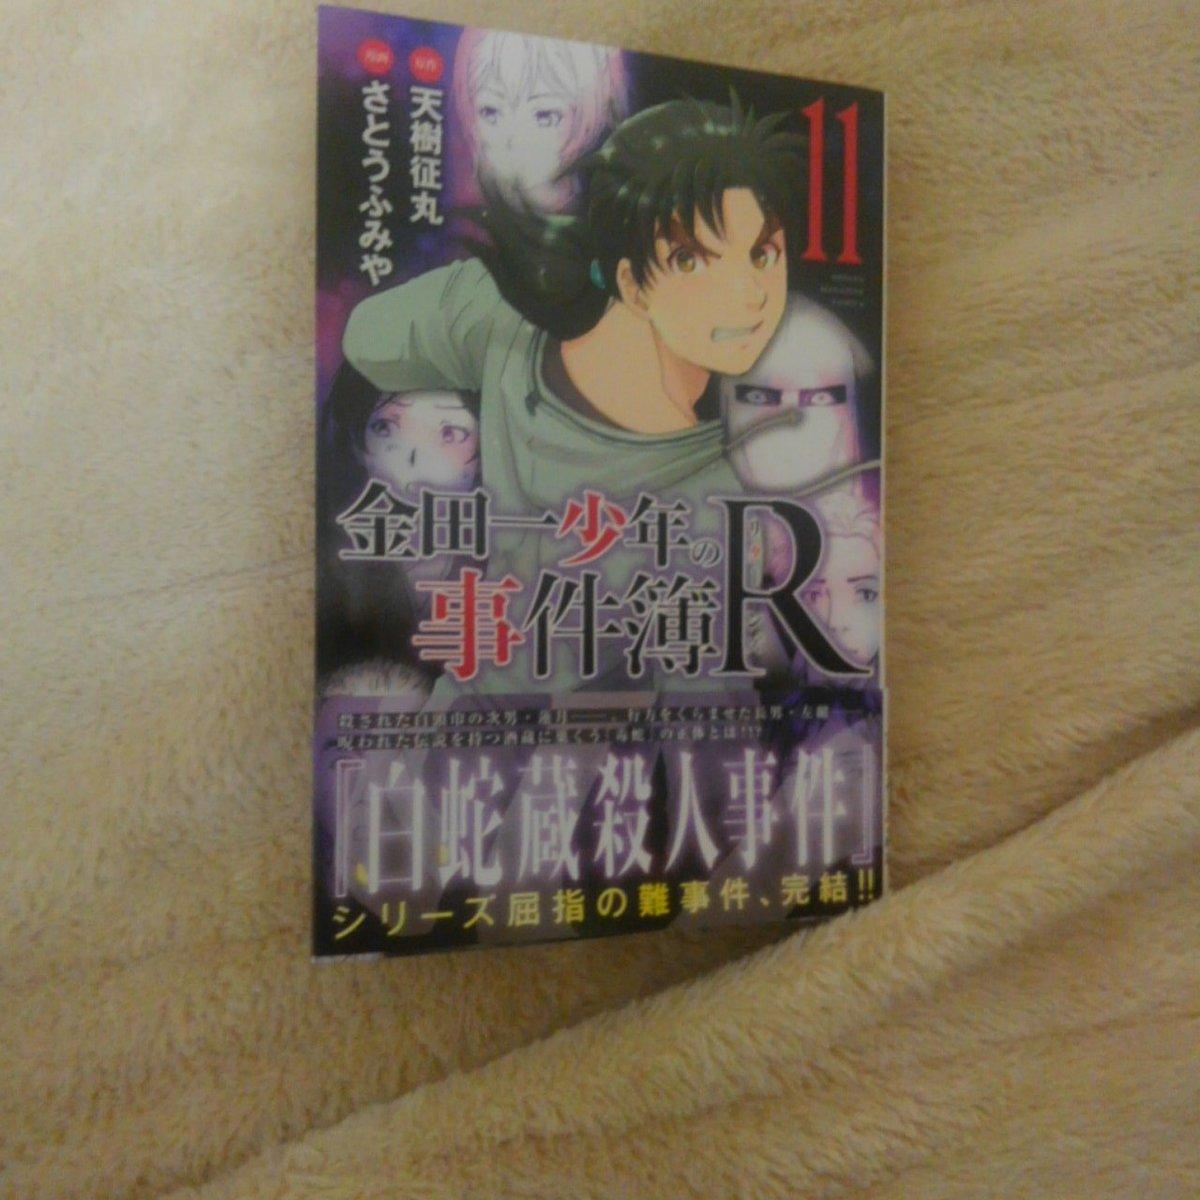 金田一少年の事件簿R11巻読み終わった。トリックは分からなかったけど犯人の予想は当たった(^^)動機はだいたい過去の因縁